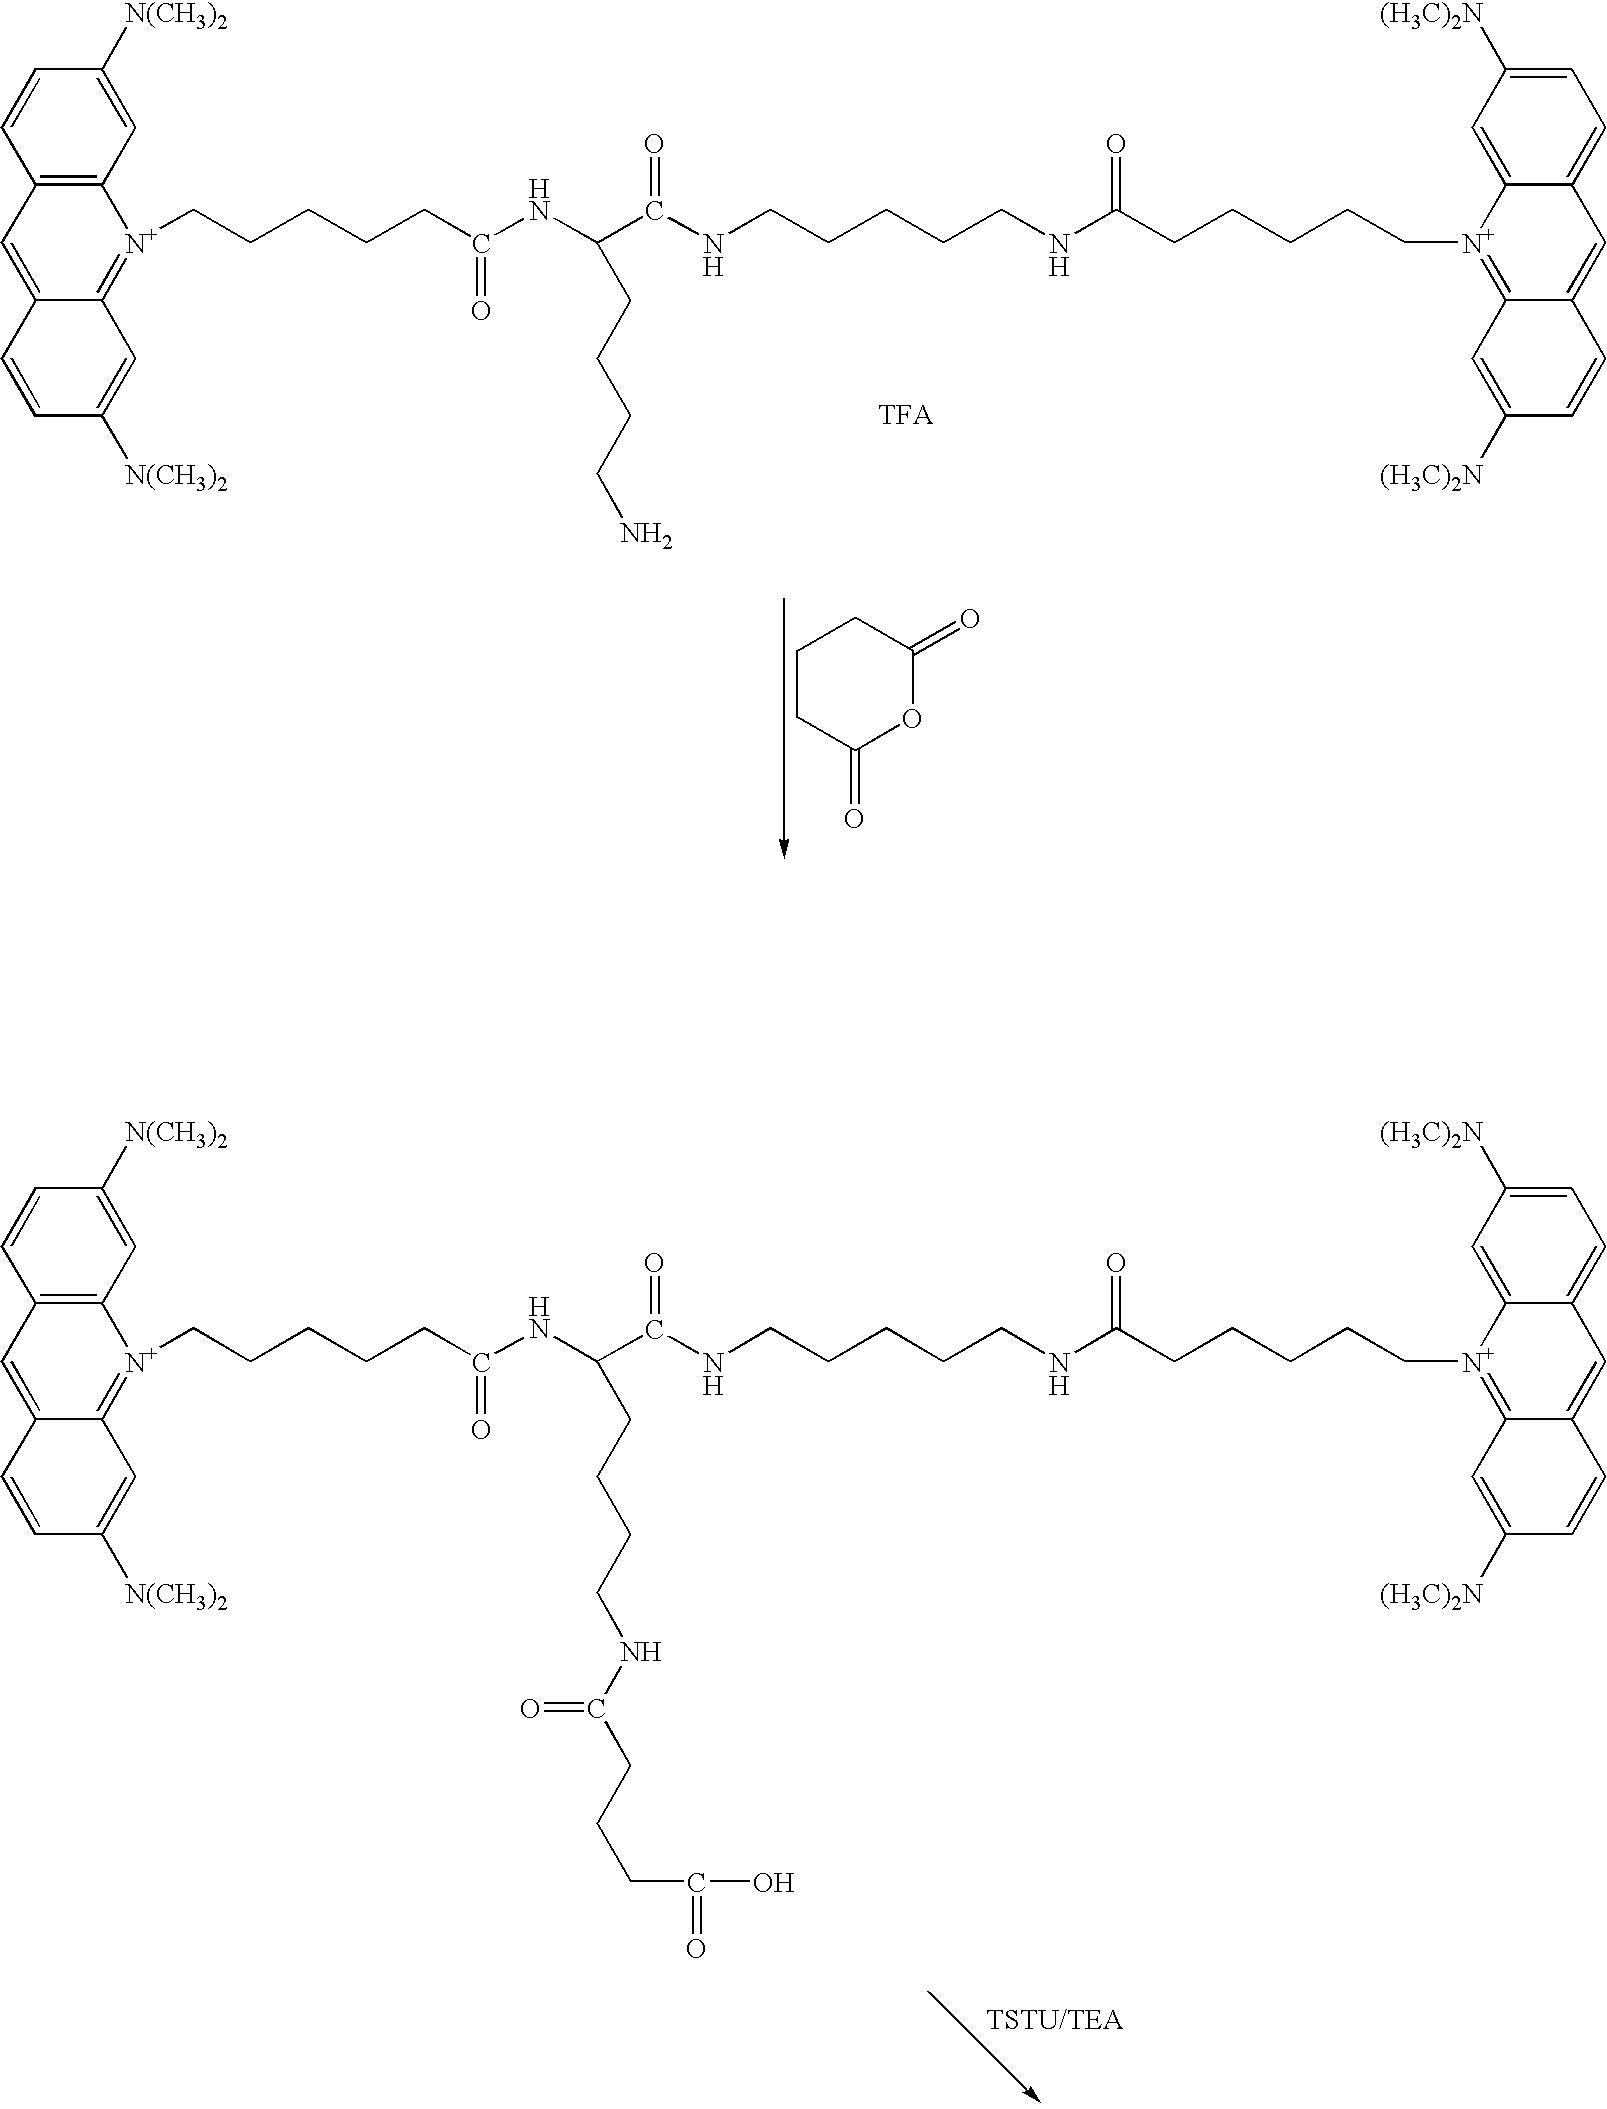 Figure US20060211028A1-20060921-C00070